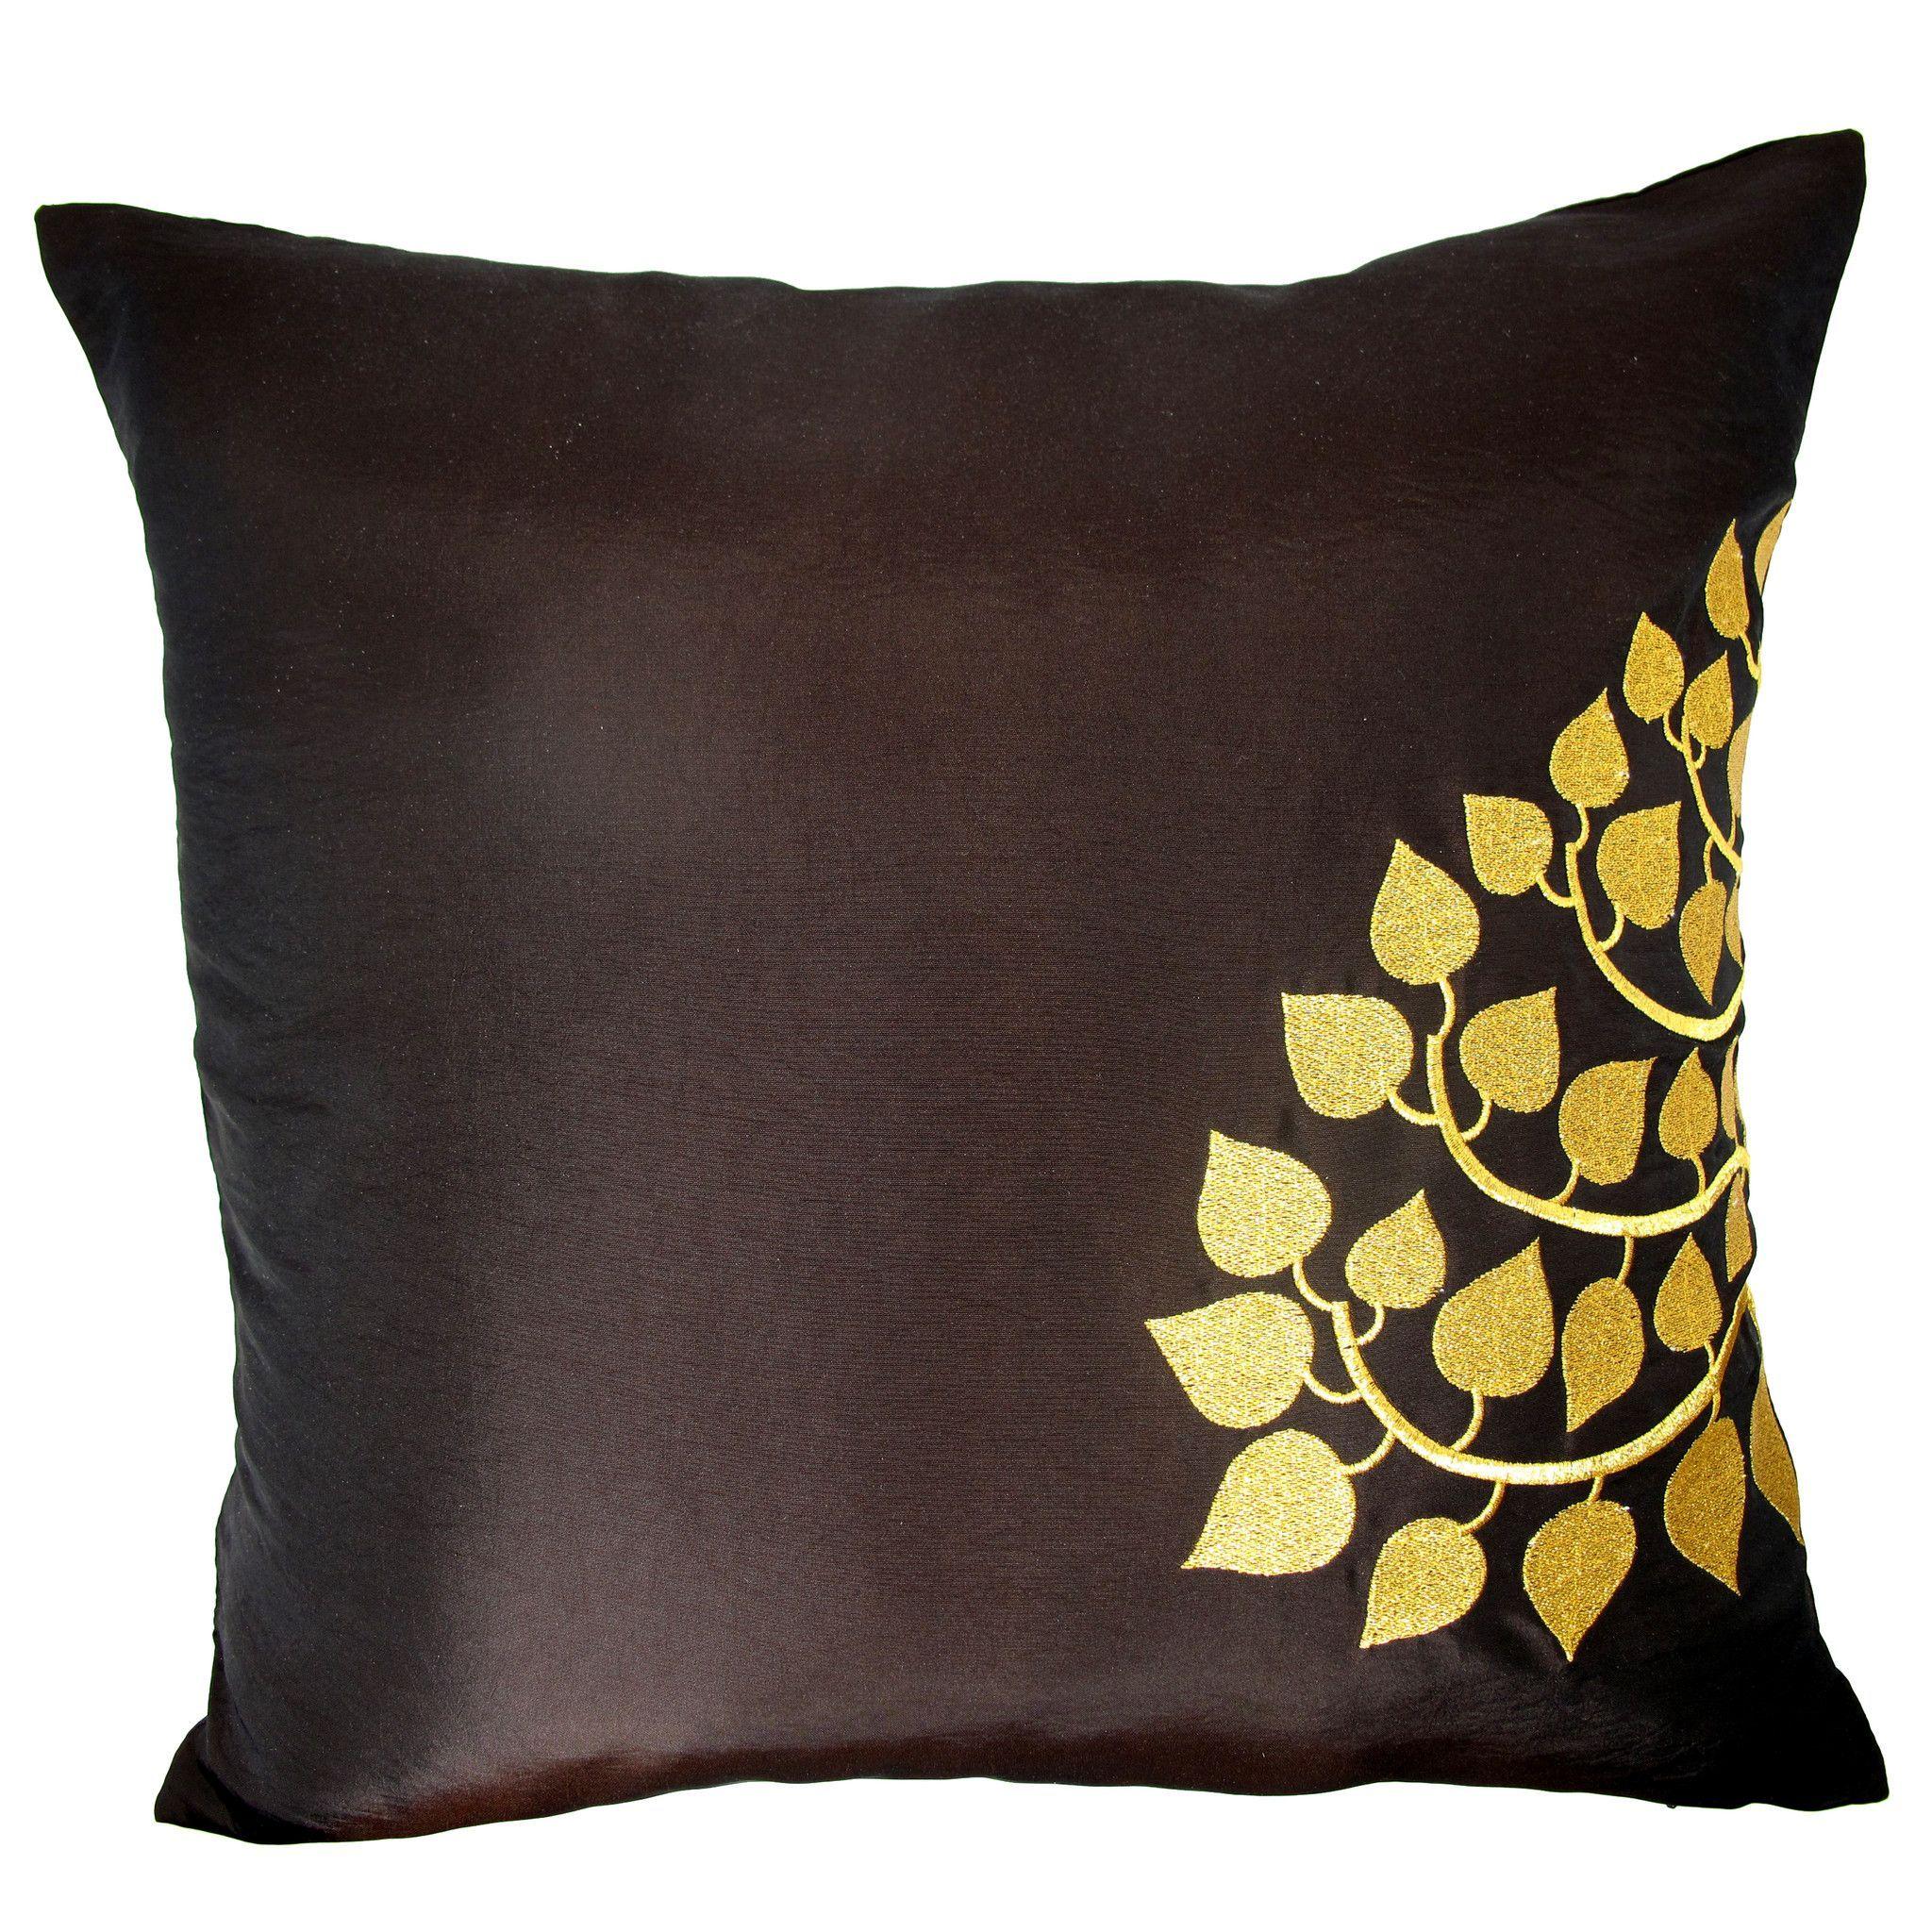 """Arbre de vie en lin Throw Pillow Case Cushion Cover Home Decor 18/"""""""